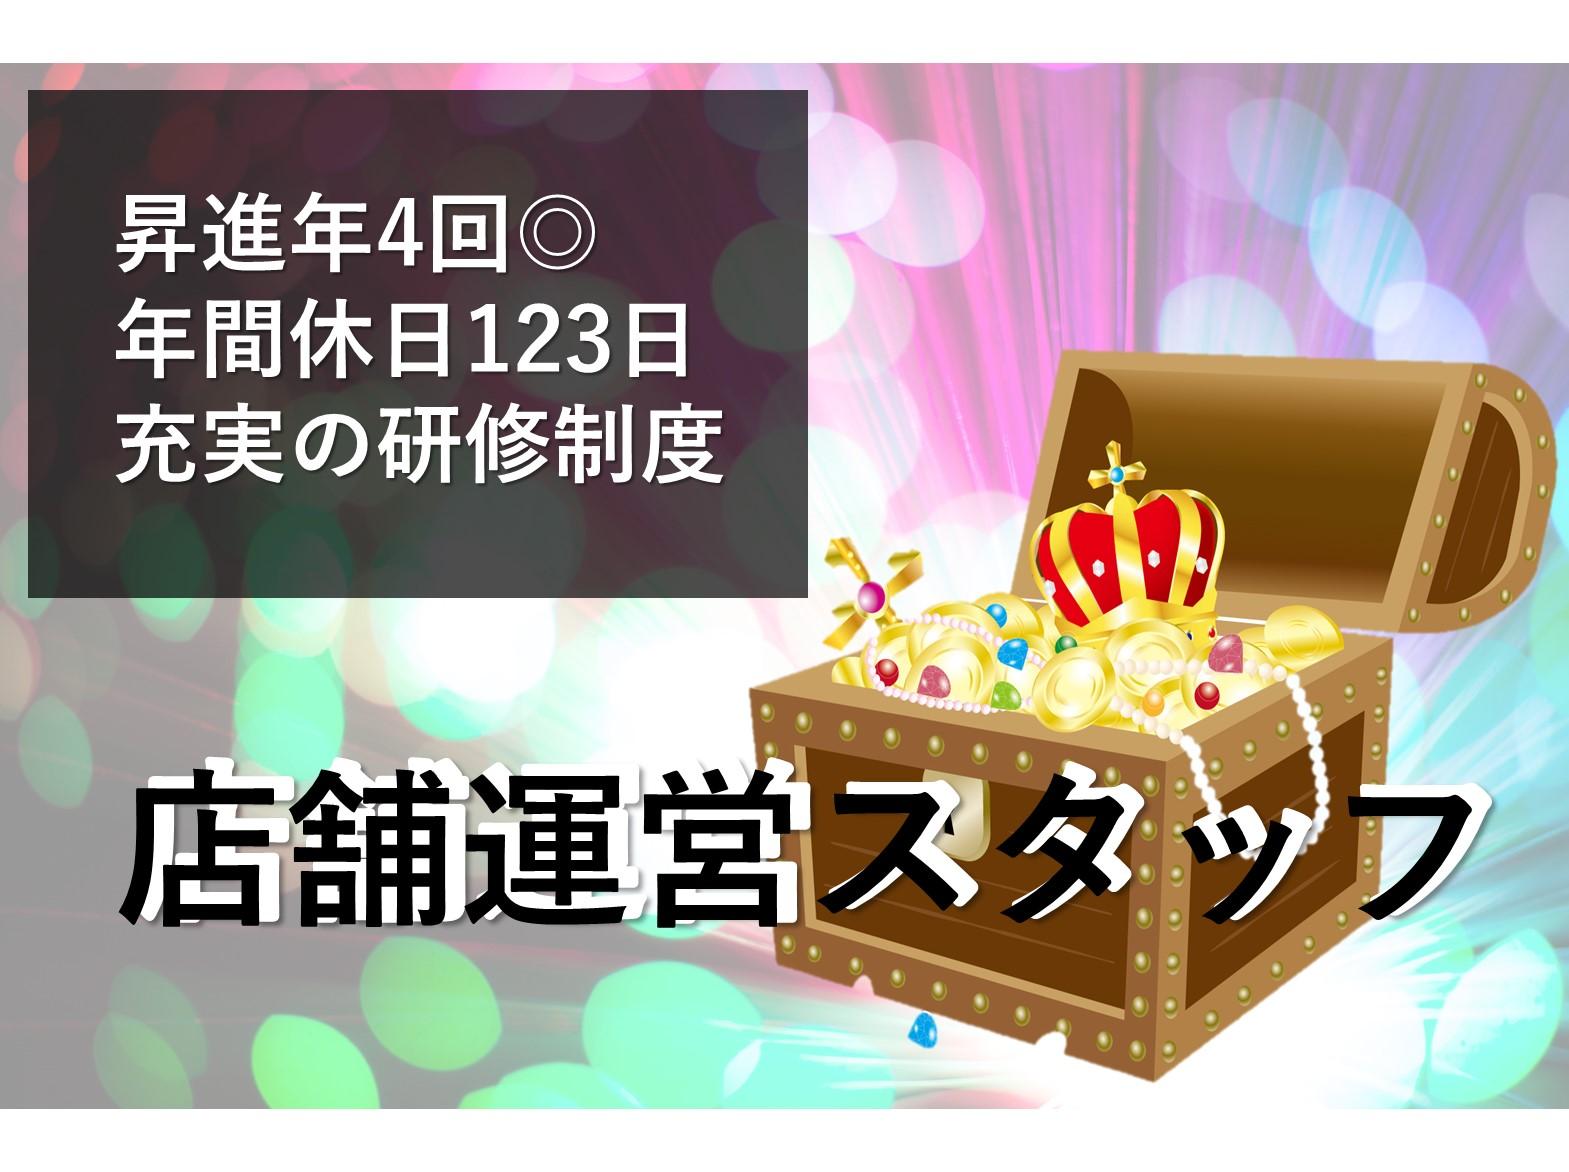 昇進4回◎年休123日♪牛丼屋店舗運営スタッフ【エリアマネージャー候補】急募 イメージ